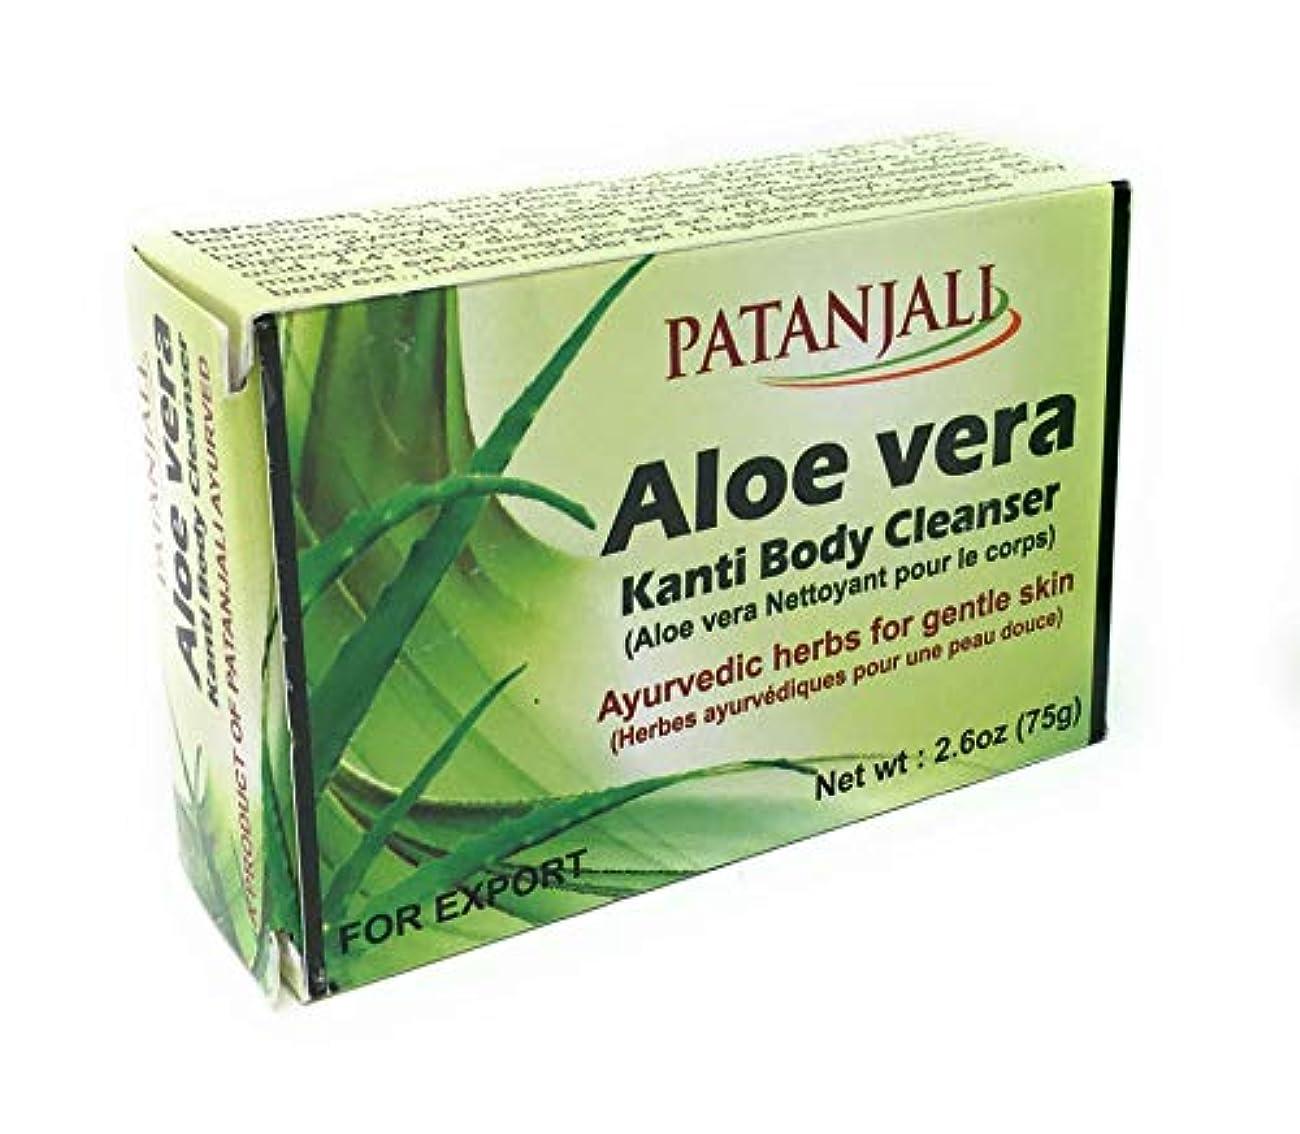 導出司令官二層パタンジャリ アロエベラソープ 75g×2個 アーユルヴェーダ インド産 Aloevera Kanty Body Cleanser Ayurveda Patanjali India